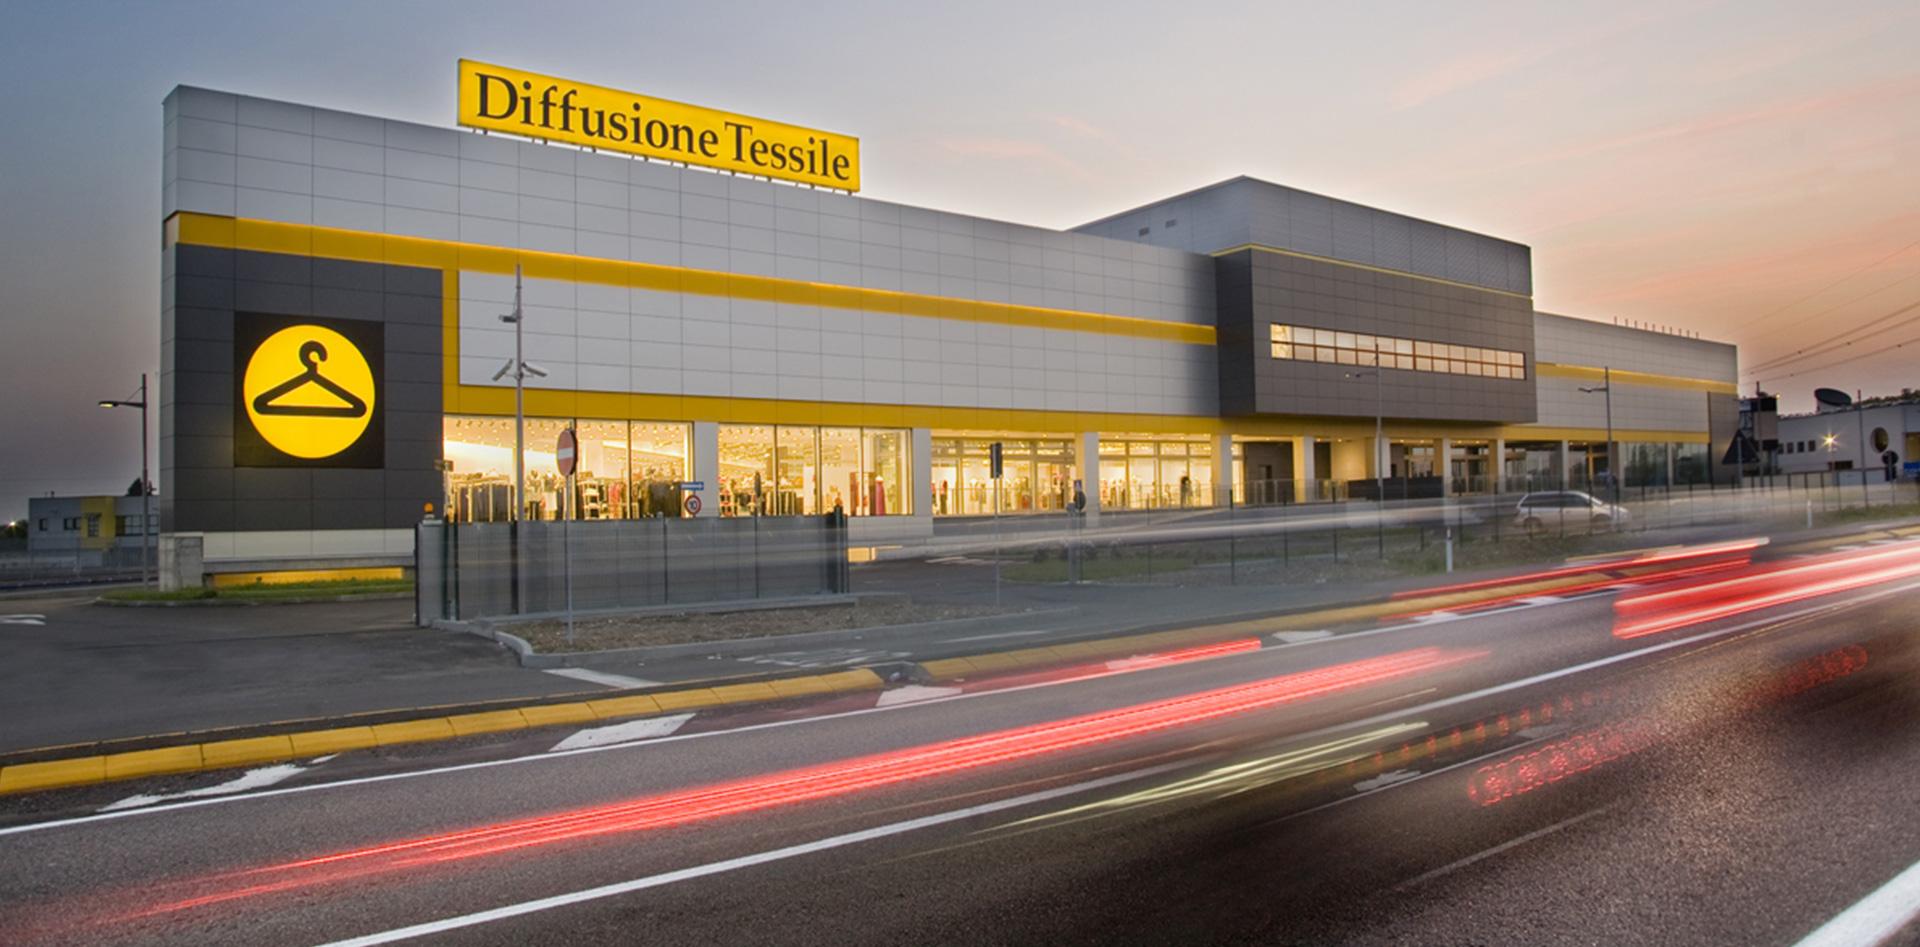 Outlet Diffusione Tessile a Cernusco sul Naviglio (MI), Binini Partners, Società di architettura e ingegneria